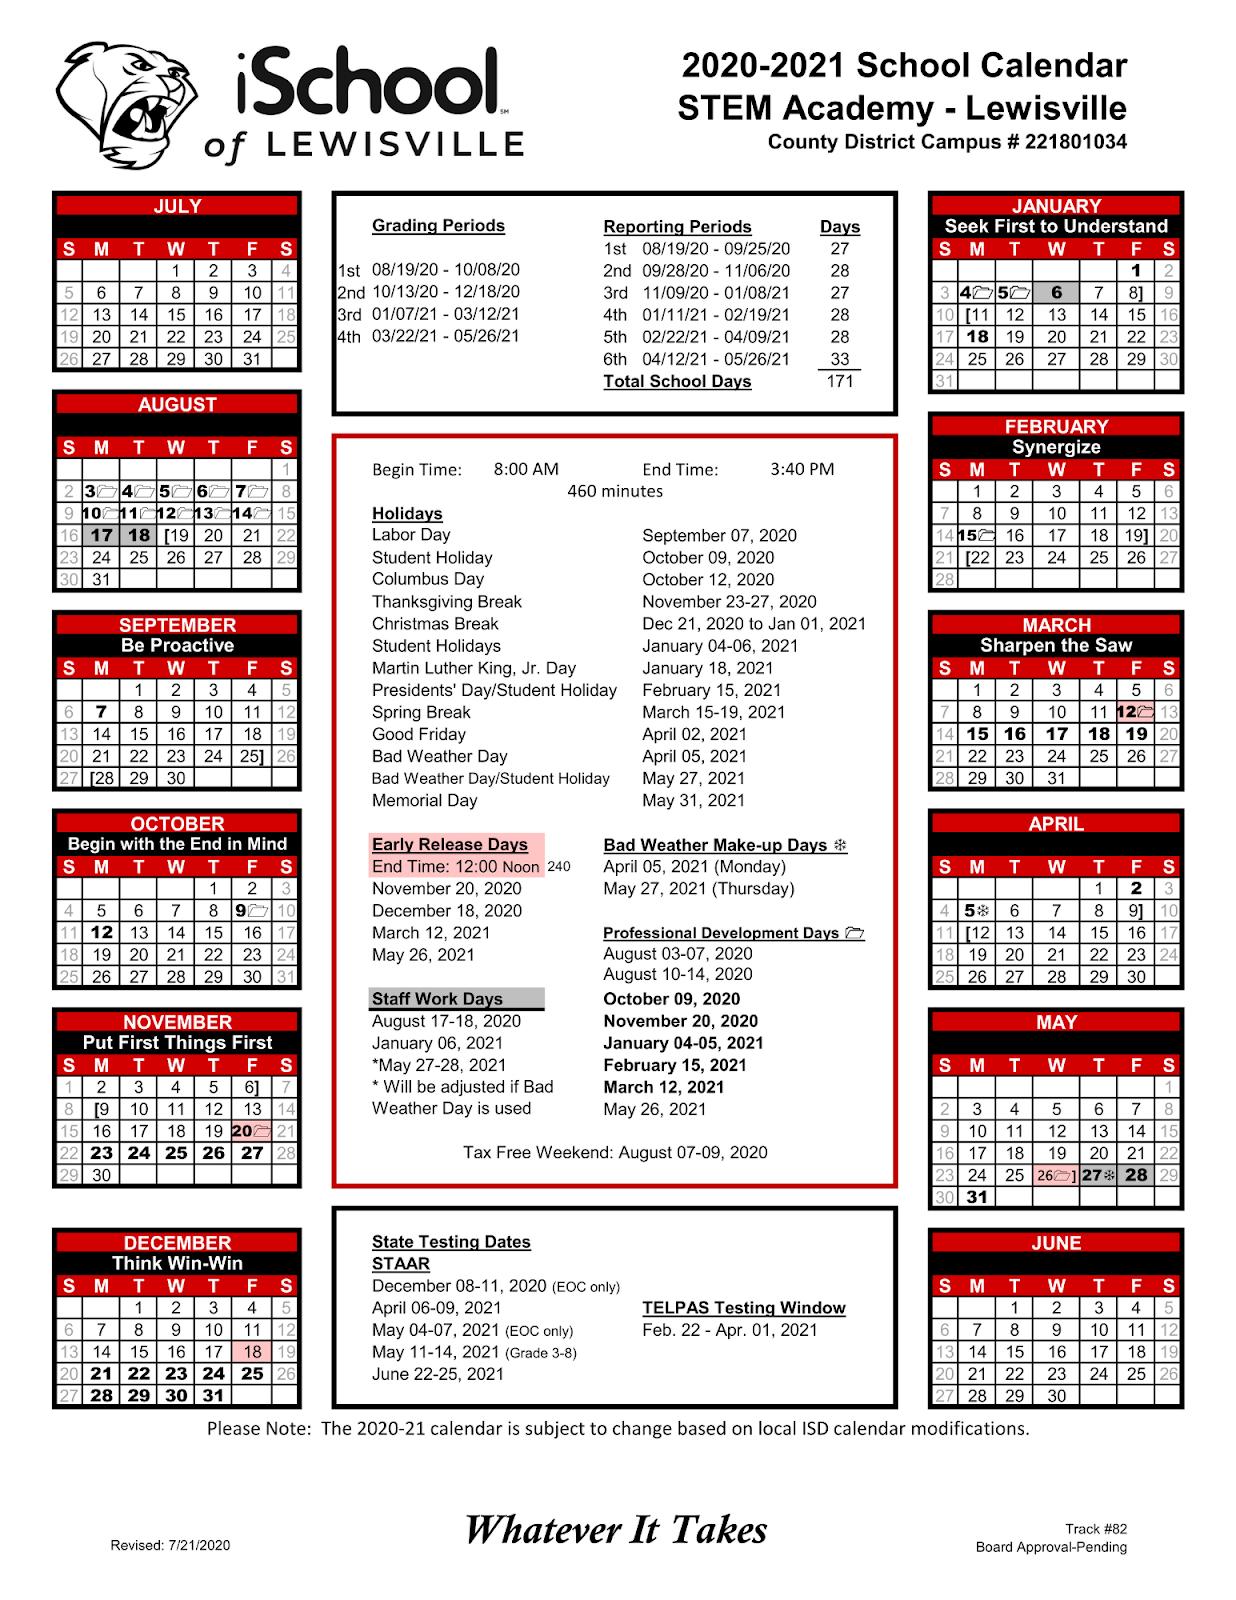 6-12 Campus Calendar